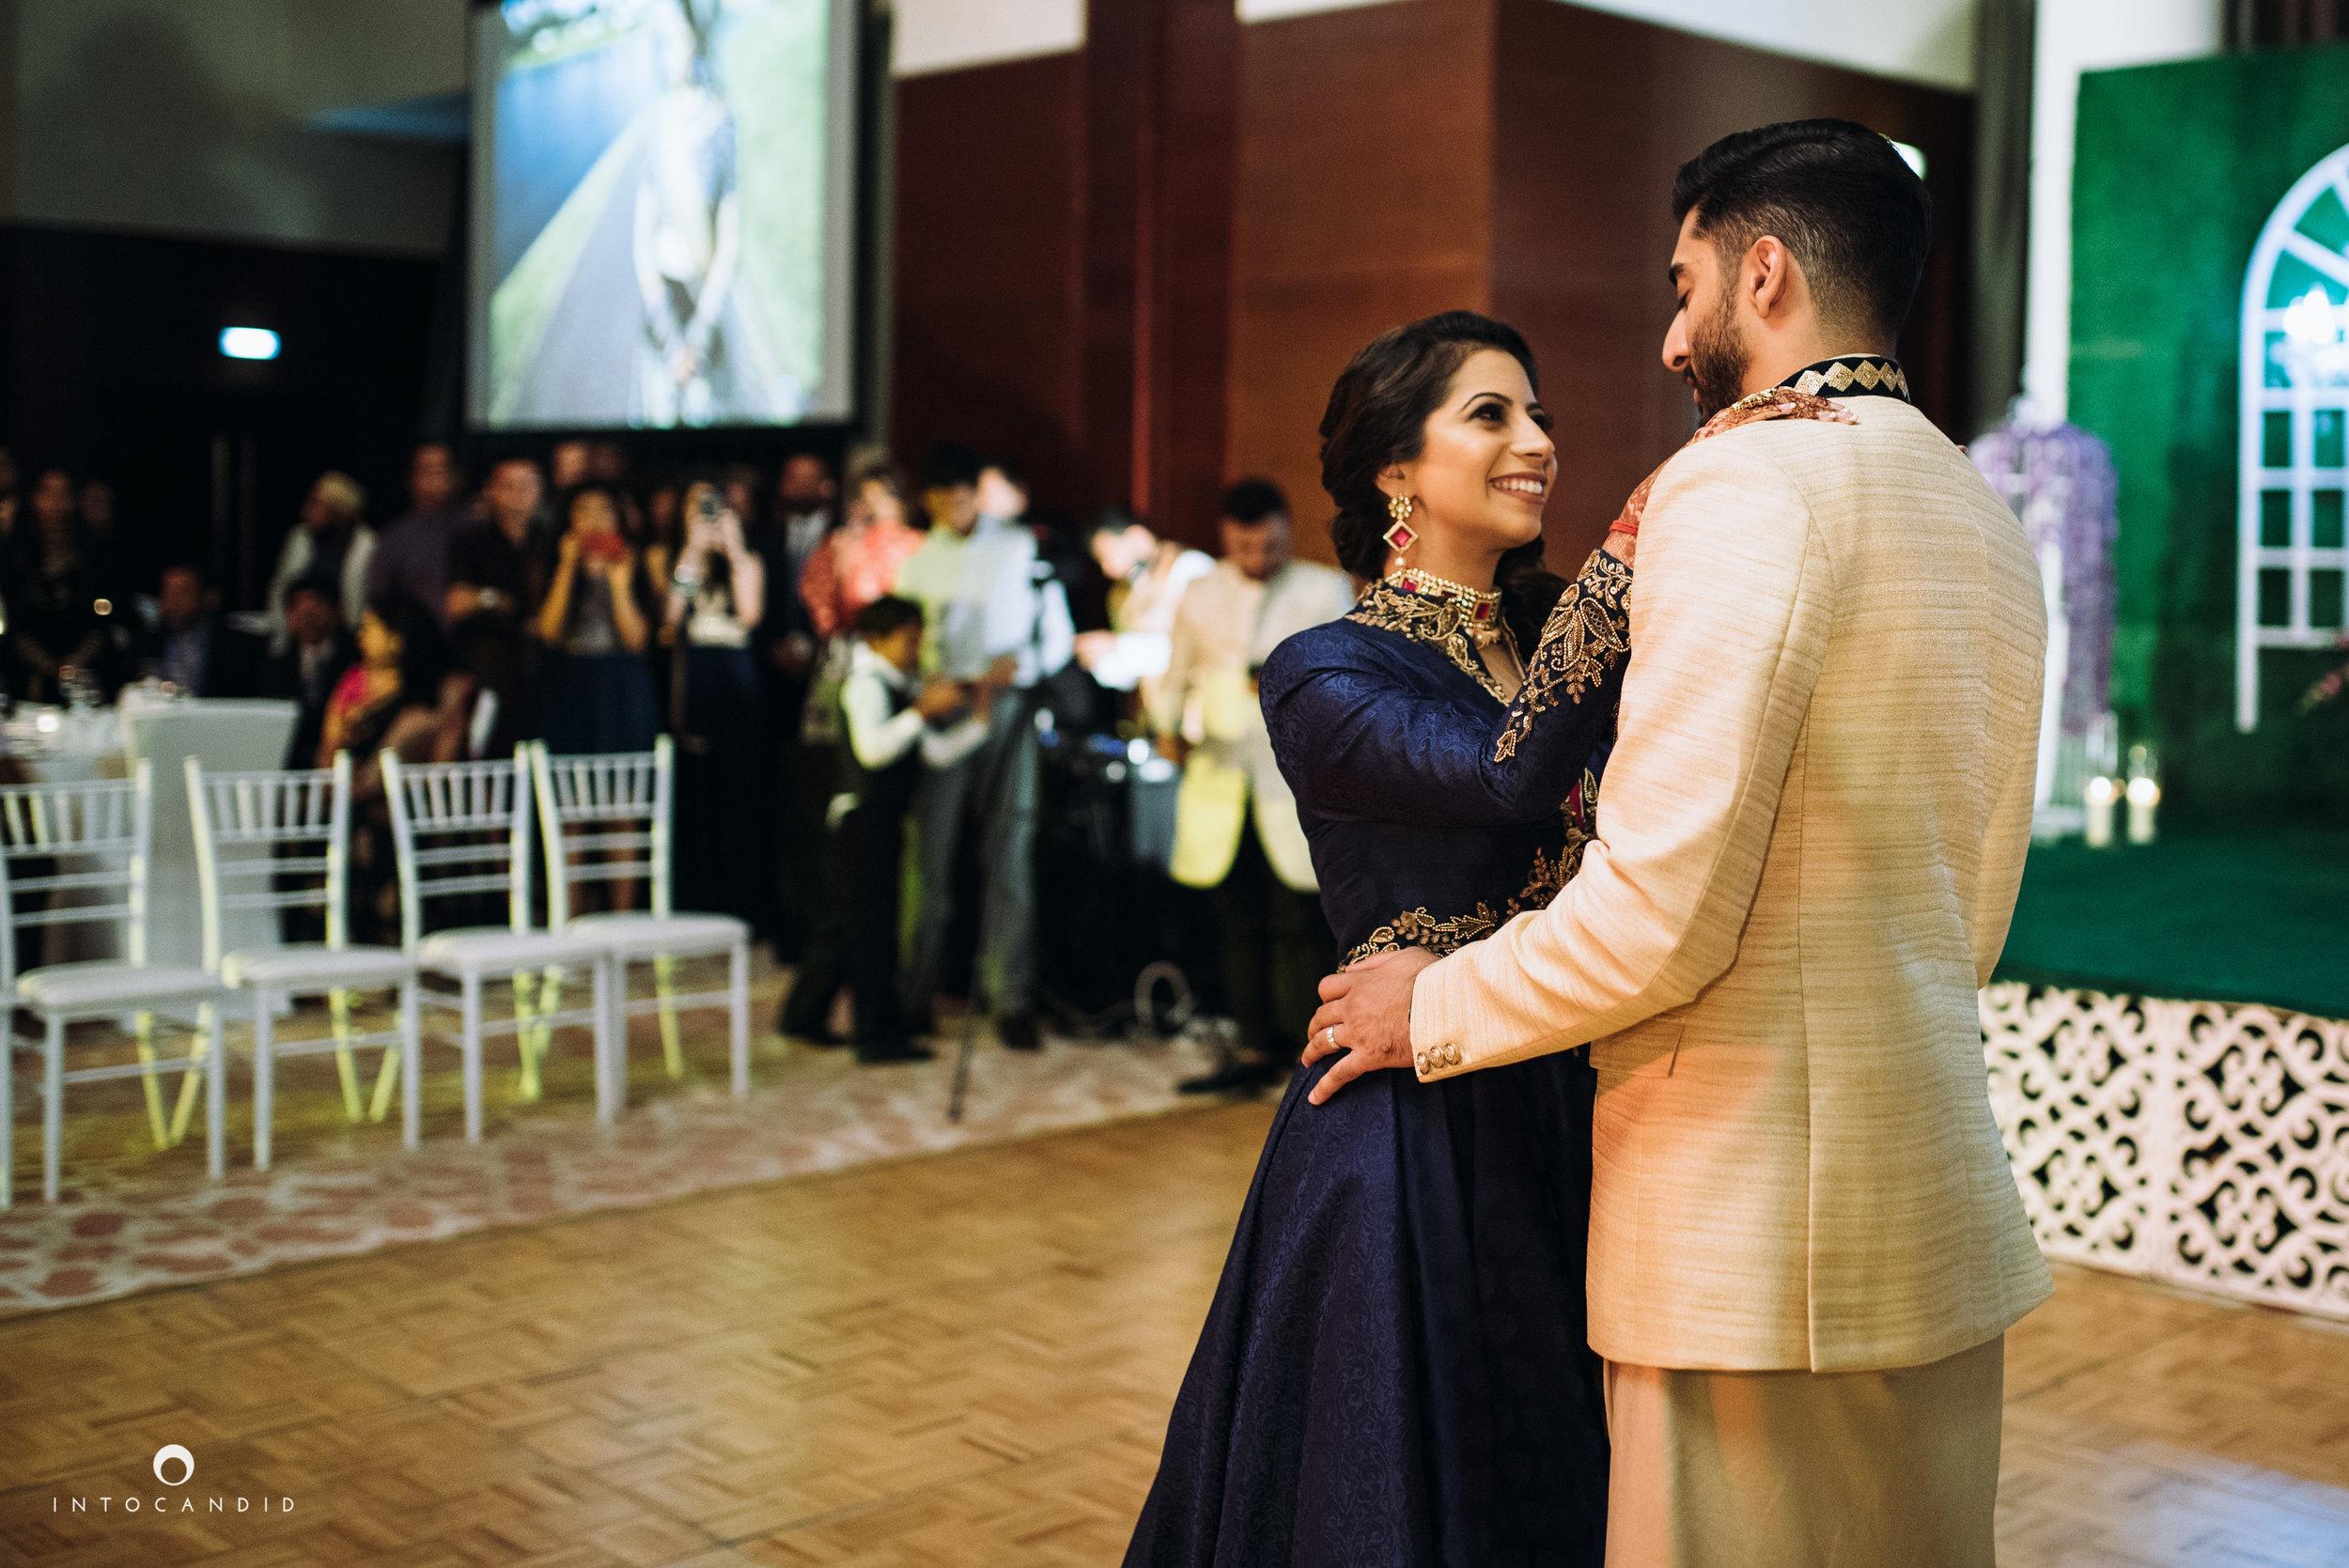 Dubai_Wedding_Photographer_65.JPG